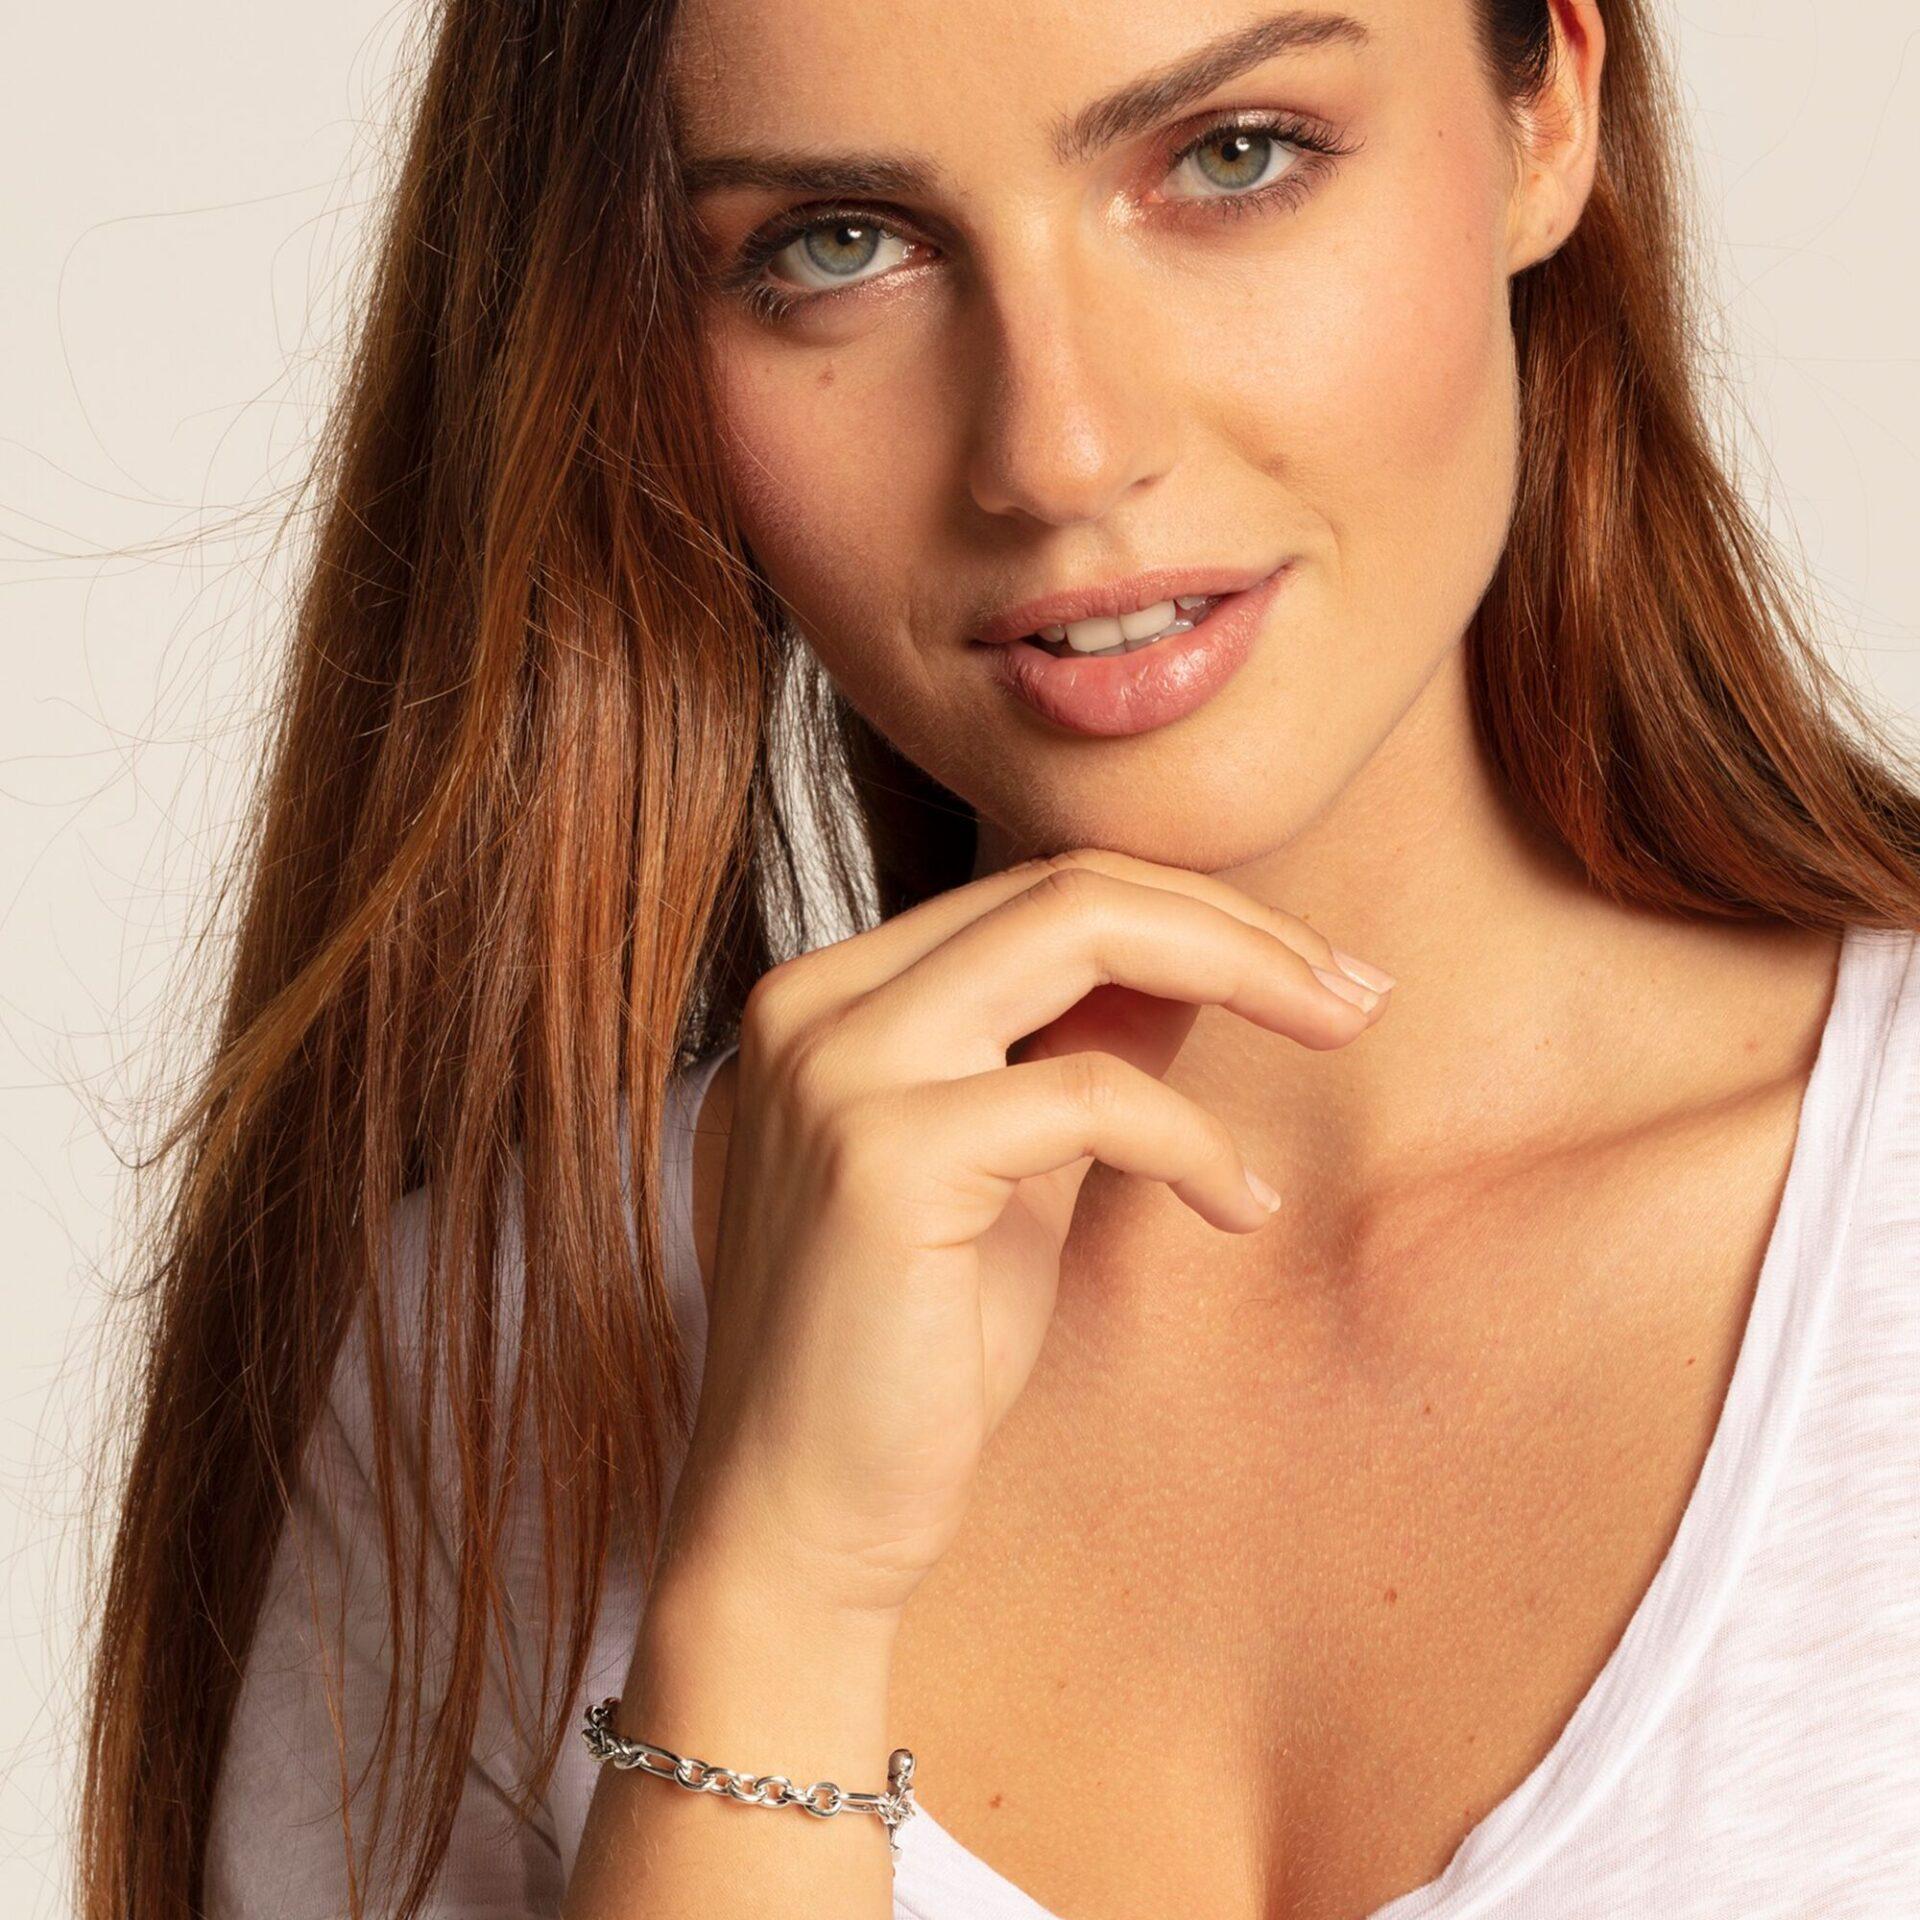 Bracelet Iconic, Thomas Sabo